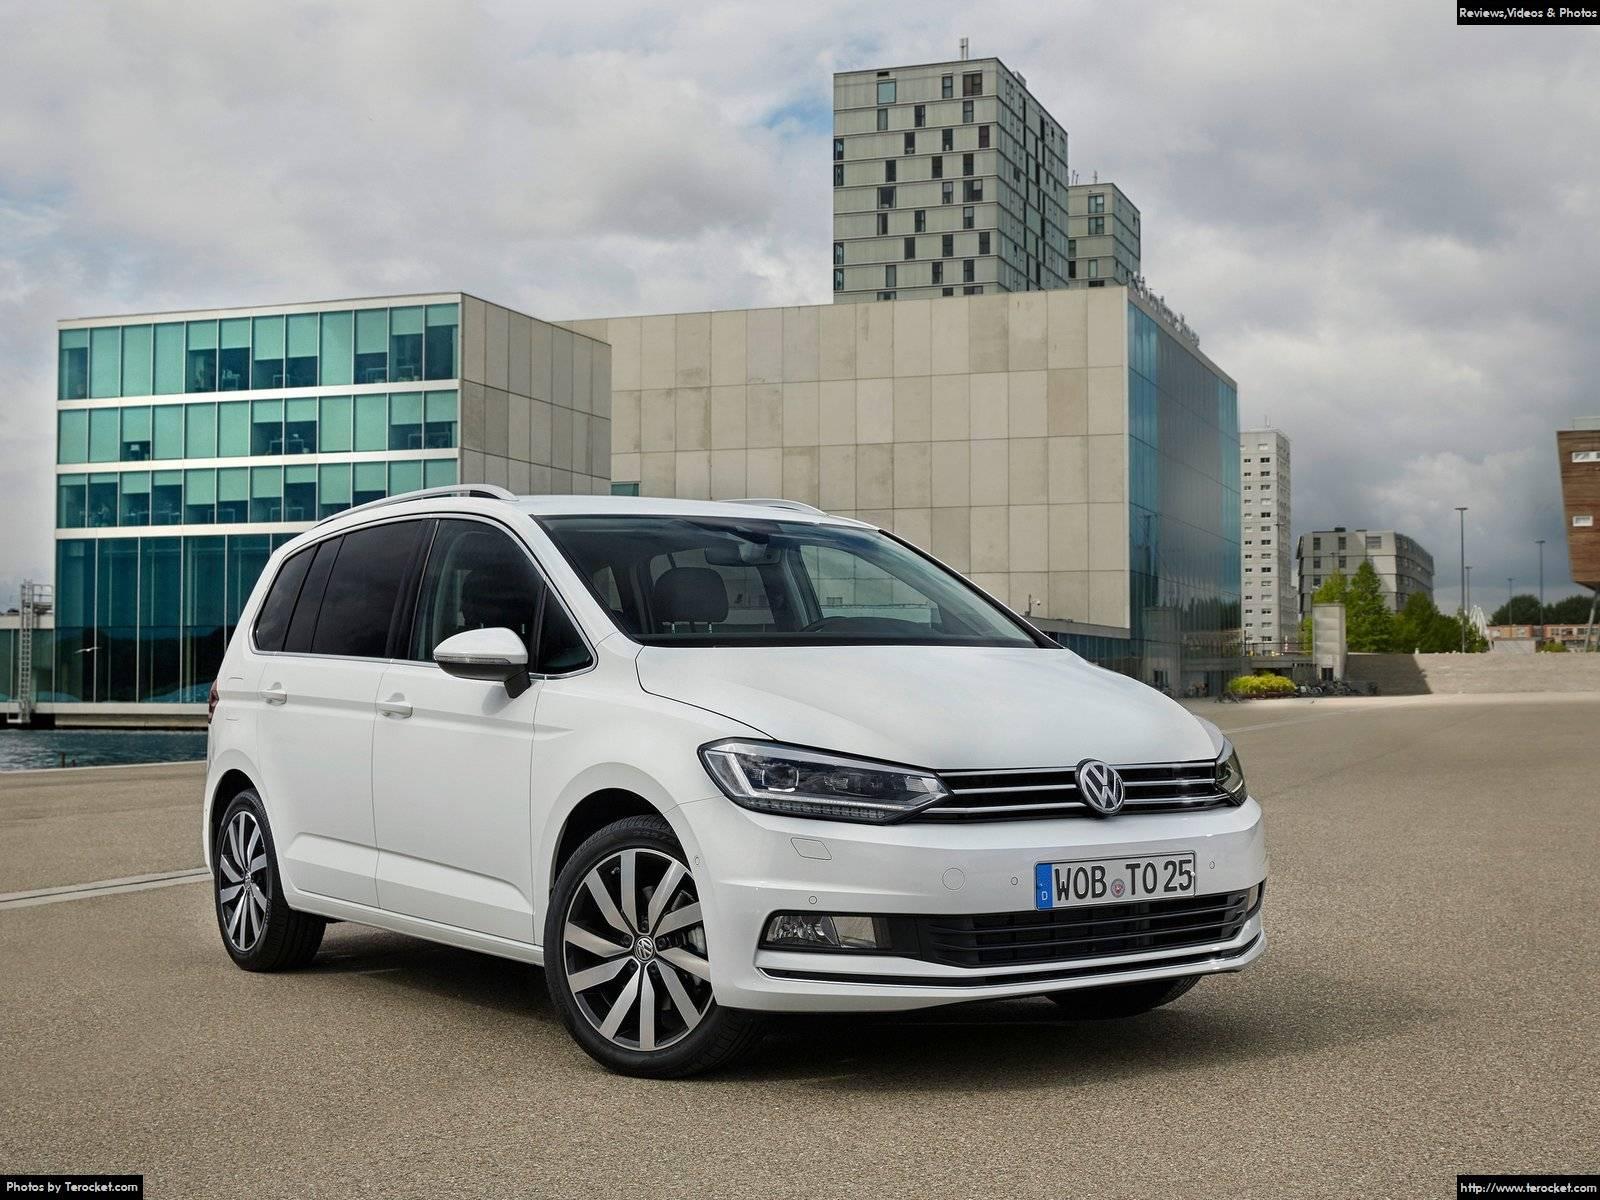 Hình ảnh xe ô tô Volkswagen Touran 2016 & nội ngoại thất